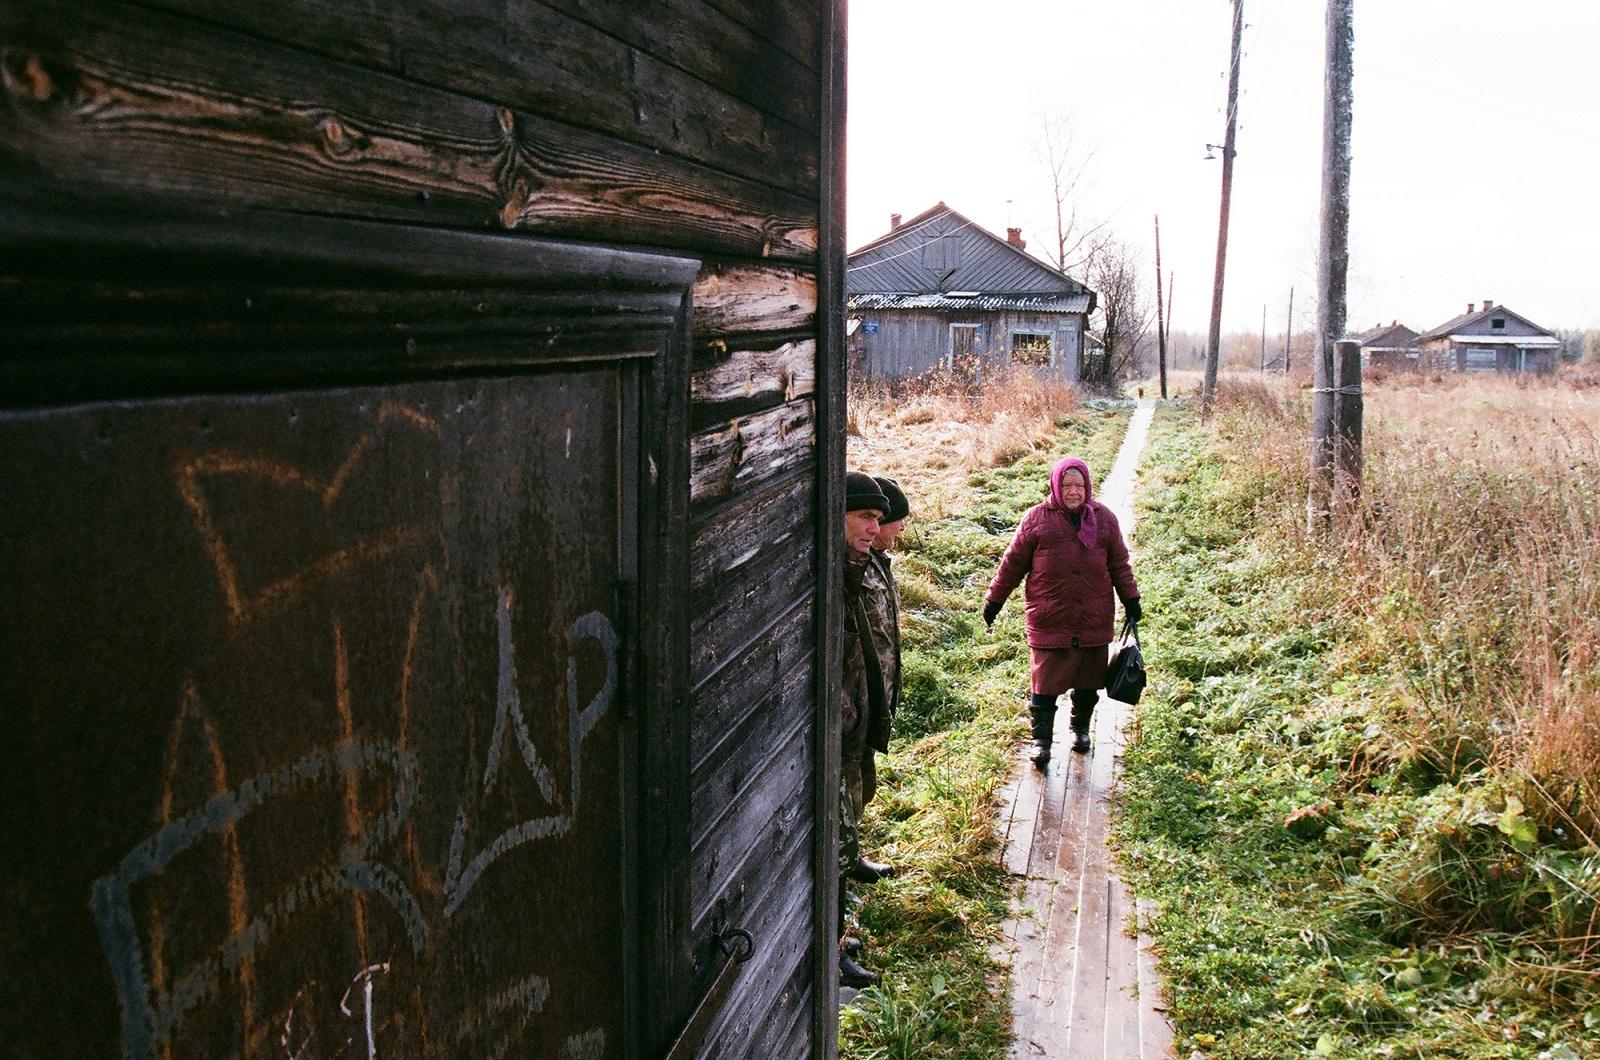 Bei Ankunft des Zuges versammelt sich das ganze Dorf, um Post zu holen oder neue Zeitungen oder einfach Brot zu kaufen. Der Laden macht erst bei Ankunft des Zuges auf und schließt nach der letzten Abfahrt